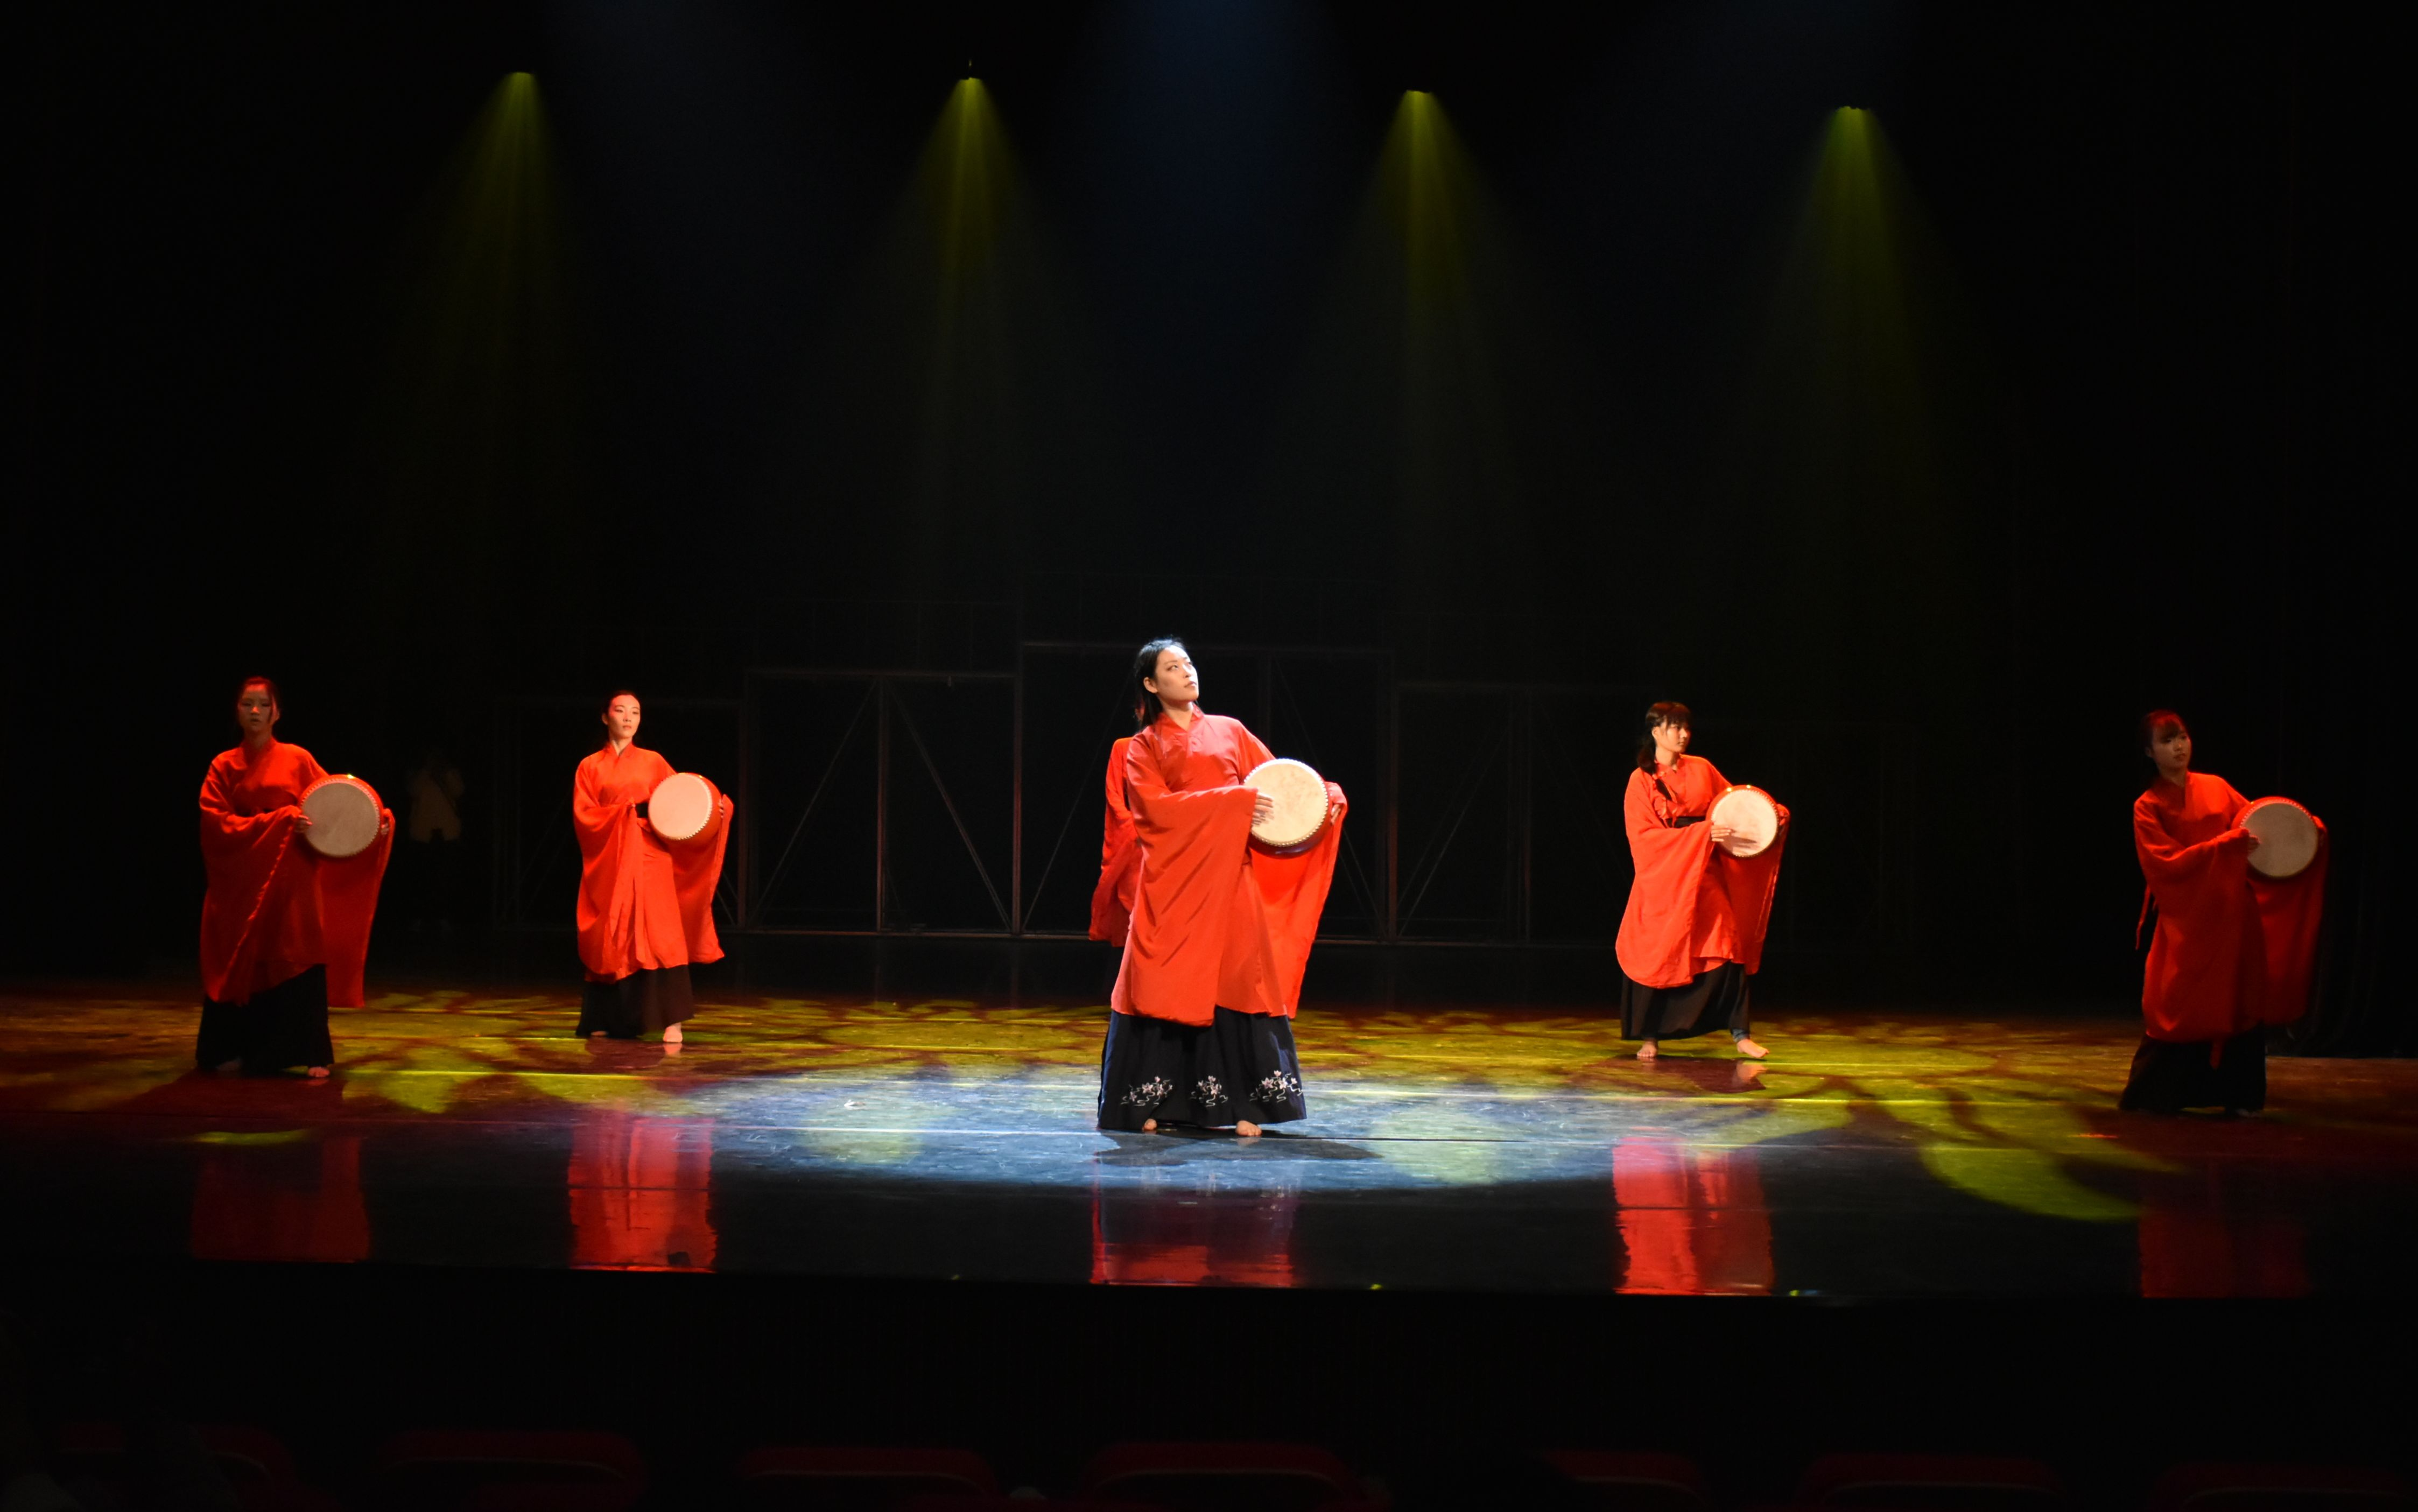 【击鼓】【成都大学日映汉服社】四川歌舞剧院汉舞演出图片